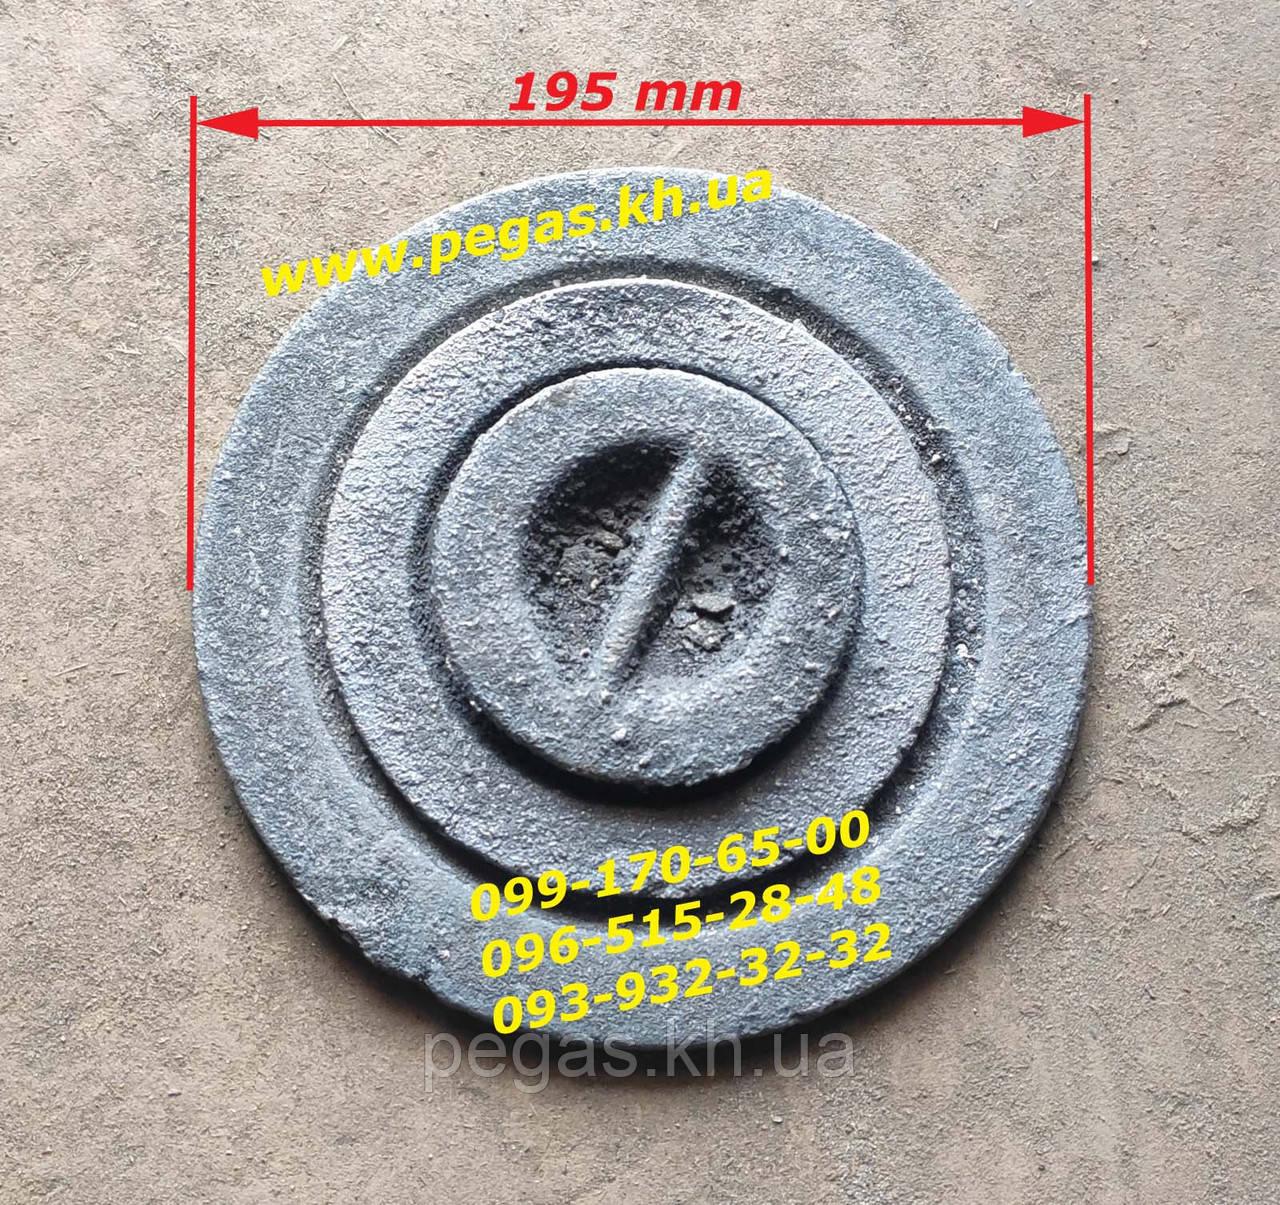 Кольца конфорки, чугунные (набор) буржуйка, печи, котлы, барбекю, мангал (195 мм)